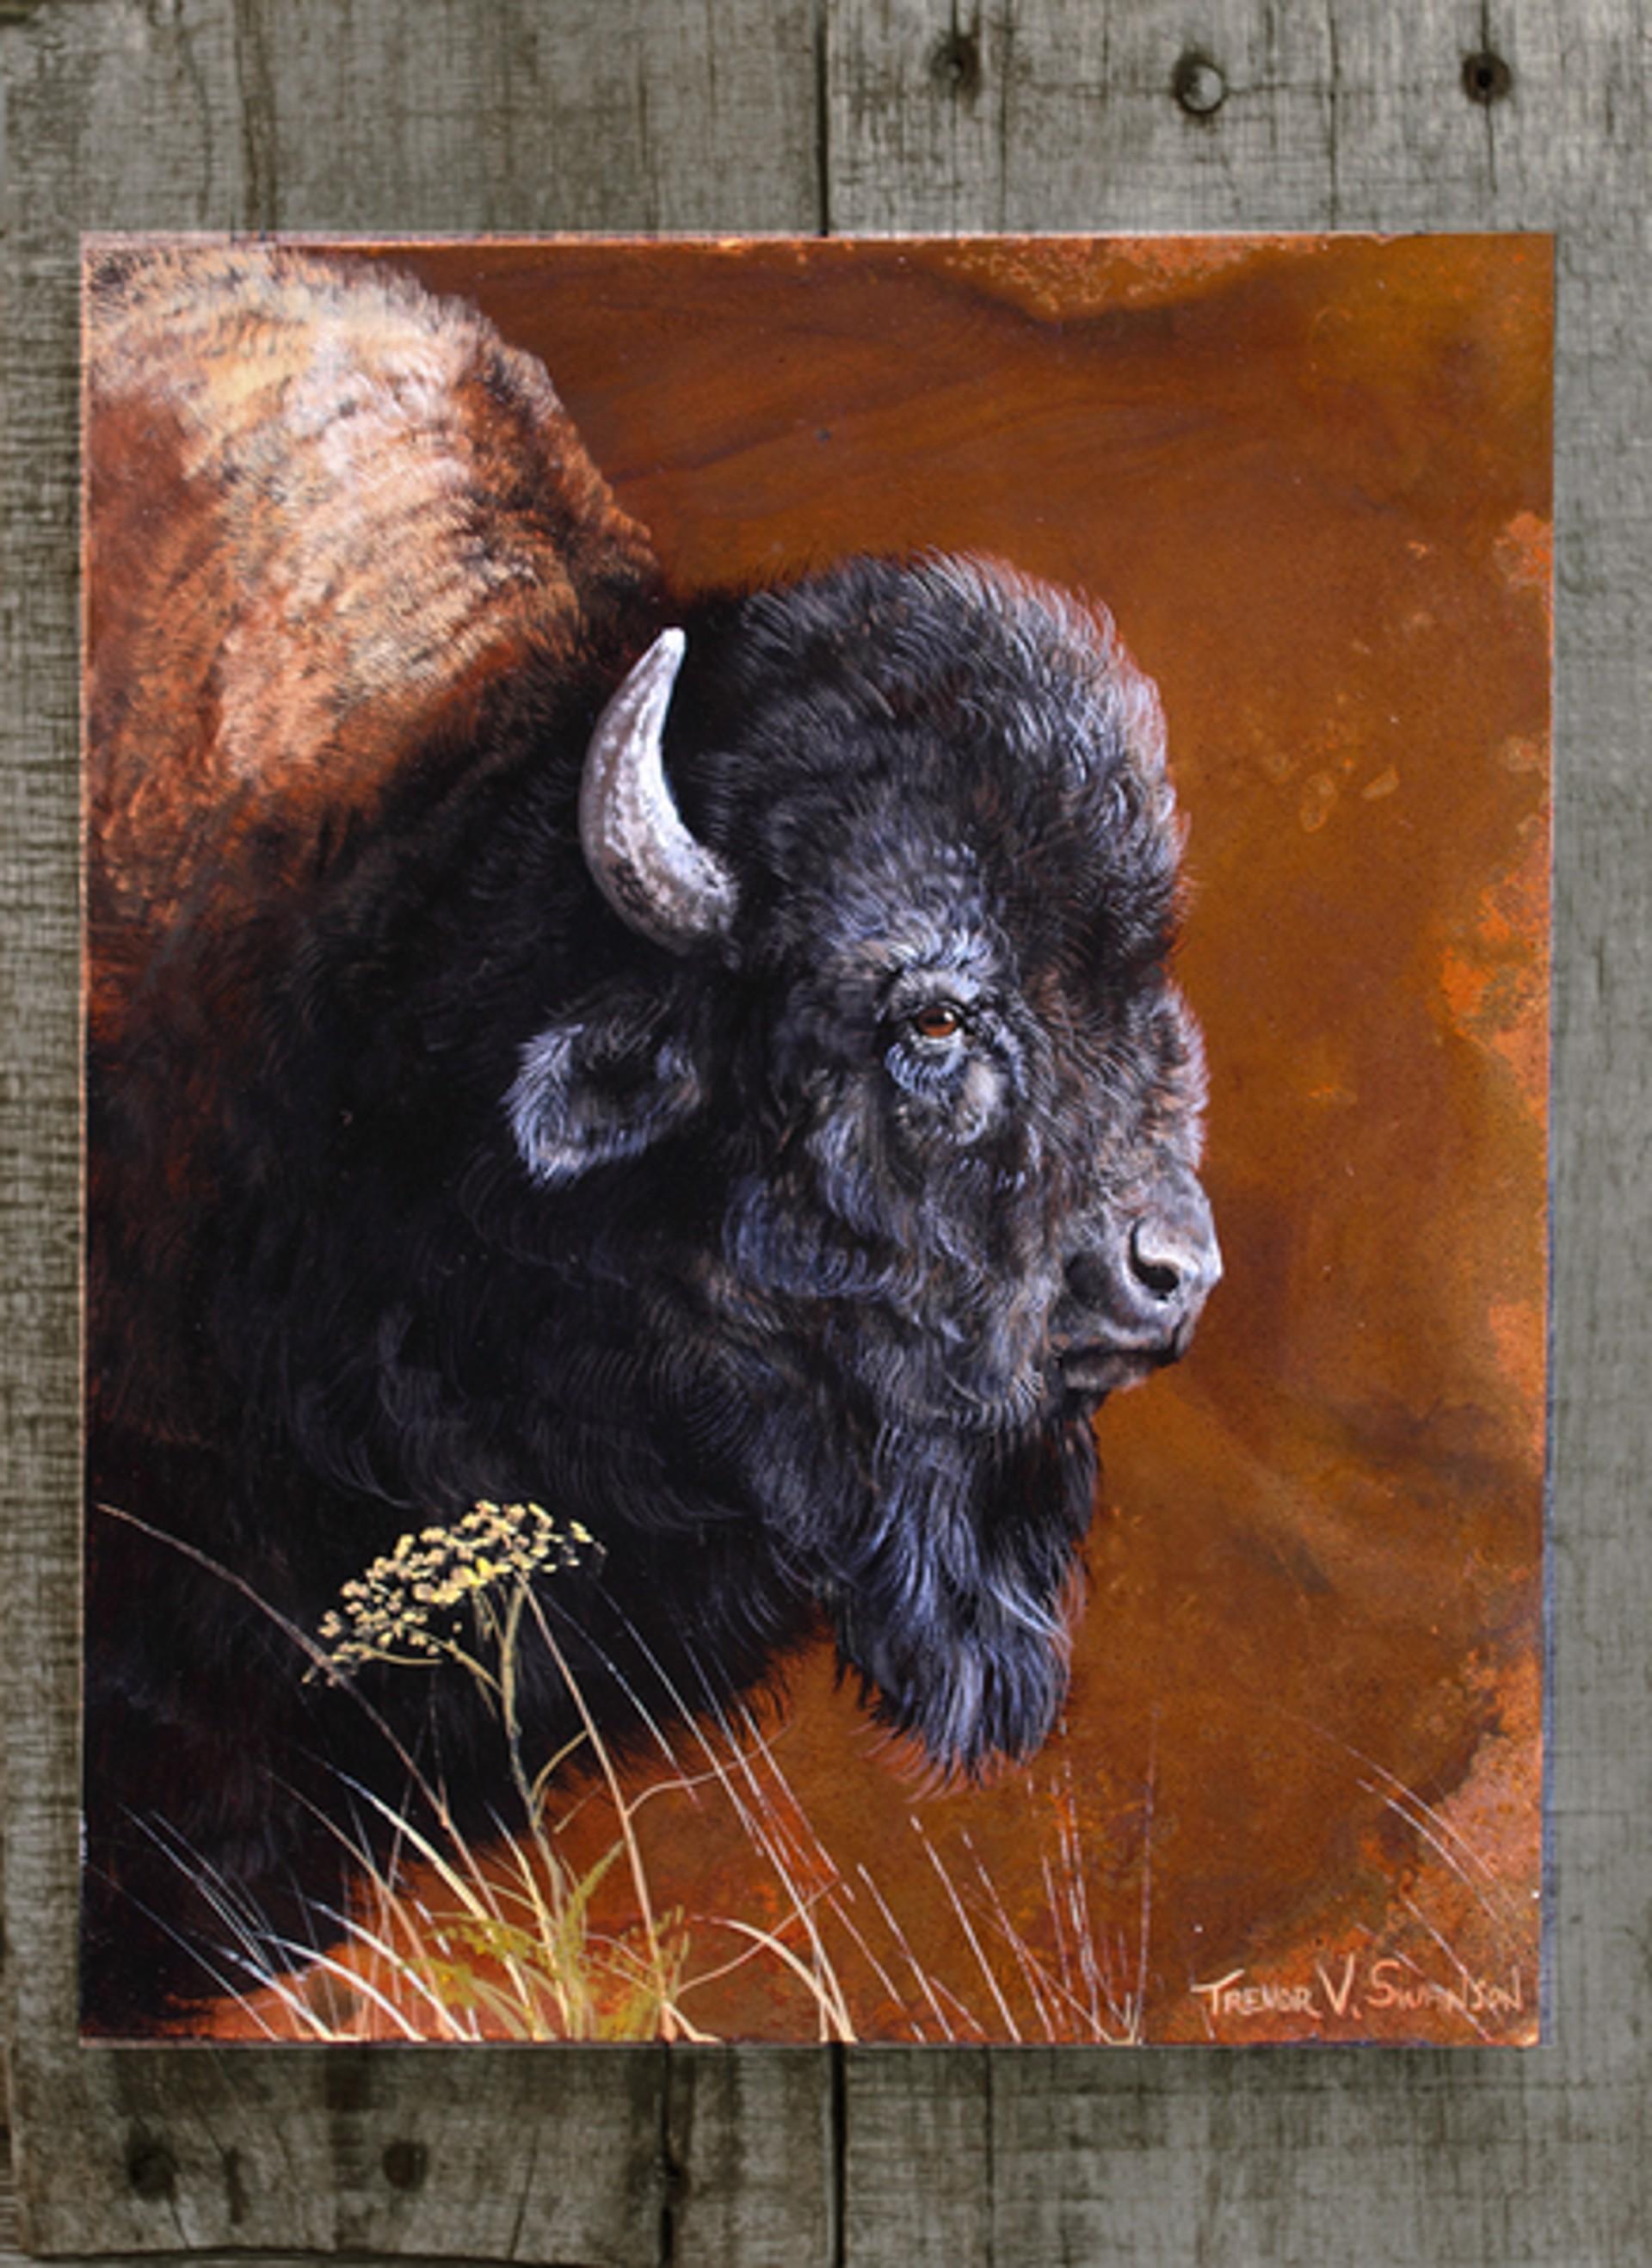 Herd Guard by Trevor Swanson